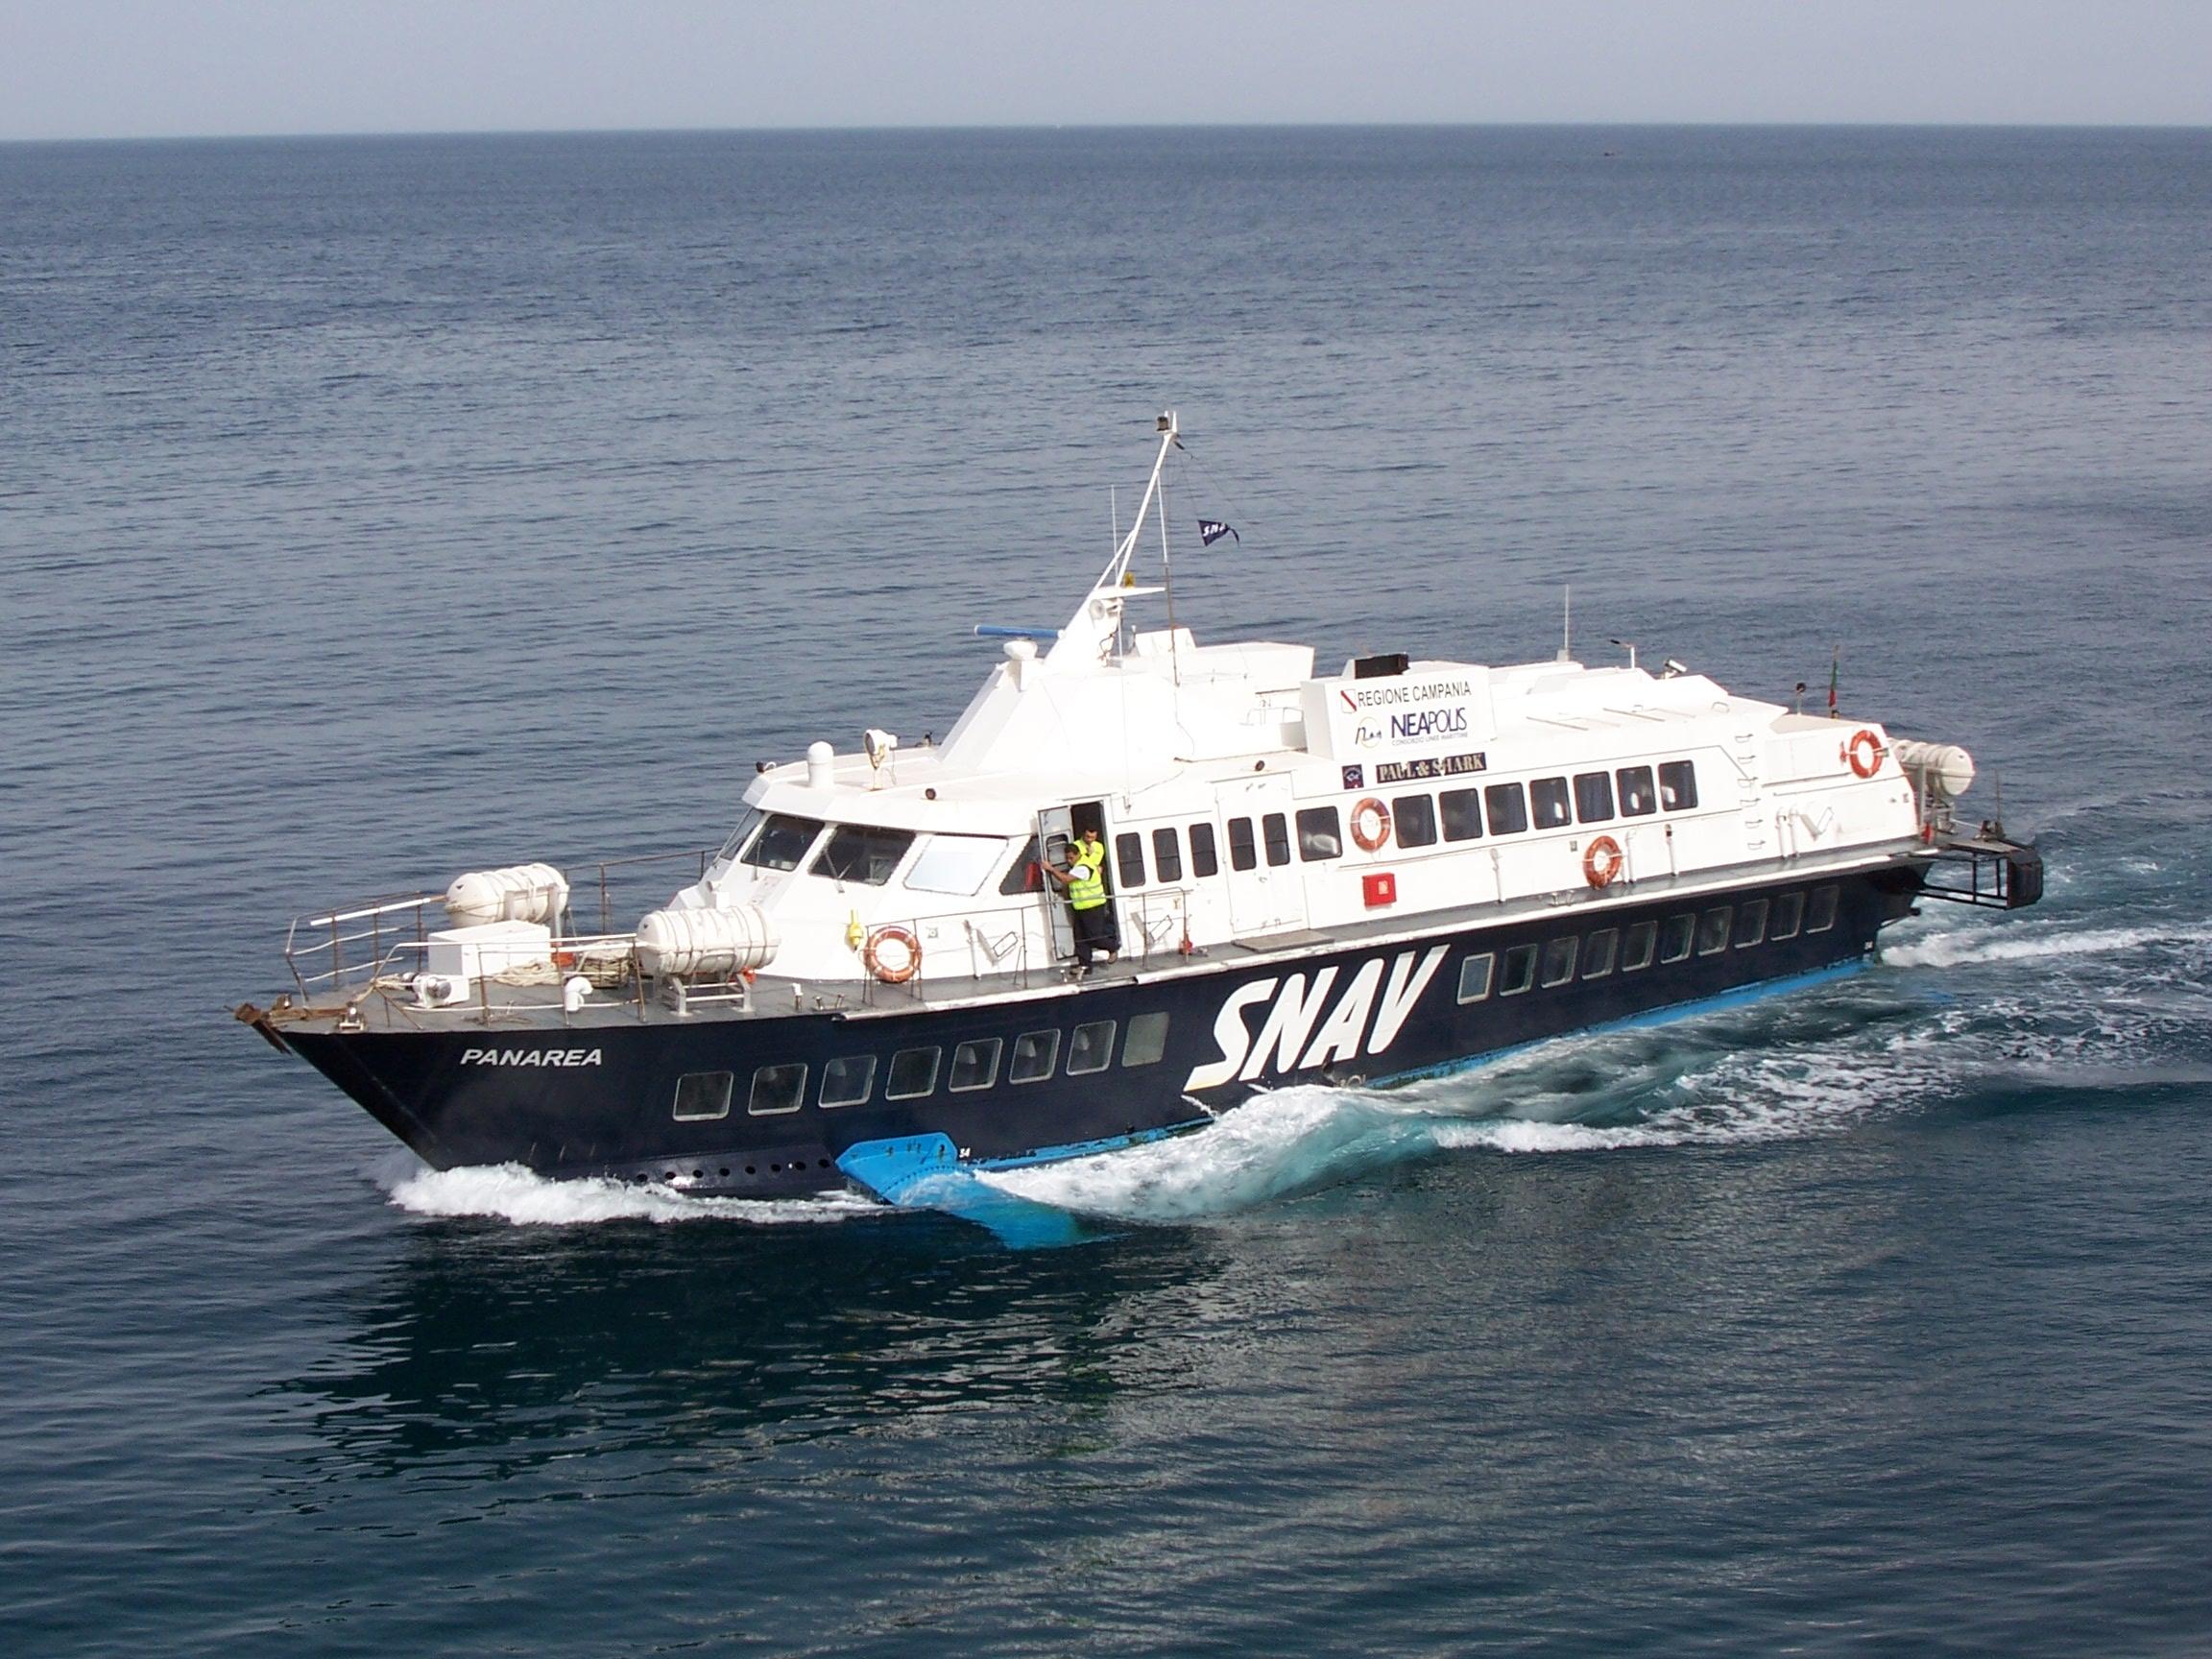 Vacanze alle Isole Eolie: Guida Completa e consigli di viaggio